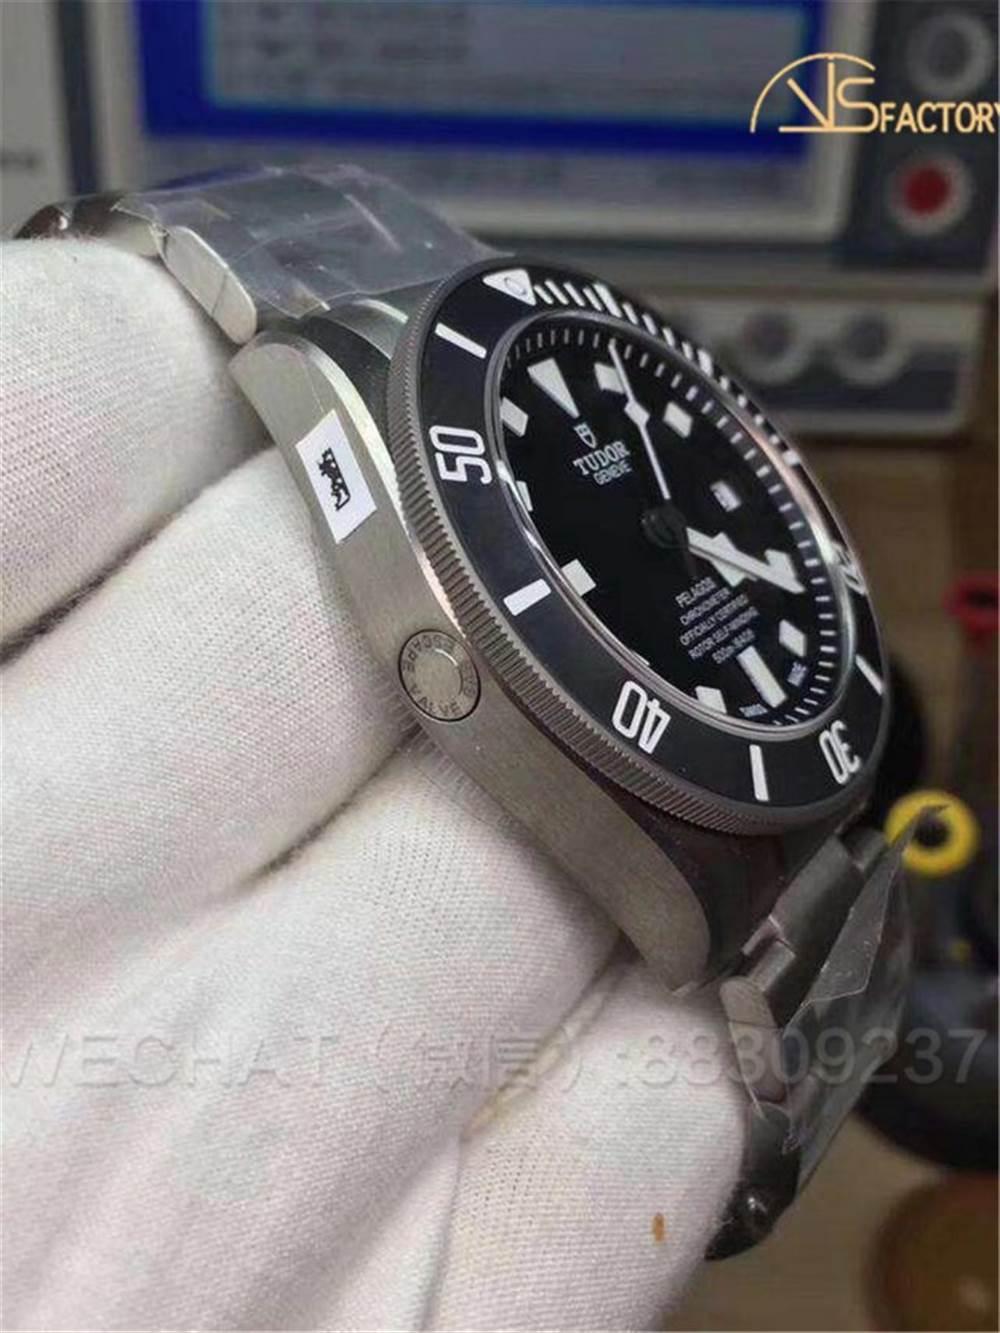 XF厂帝陀领潜型「黑色战斧」腕表评测-致敬经典传奇